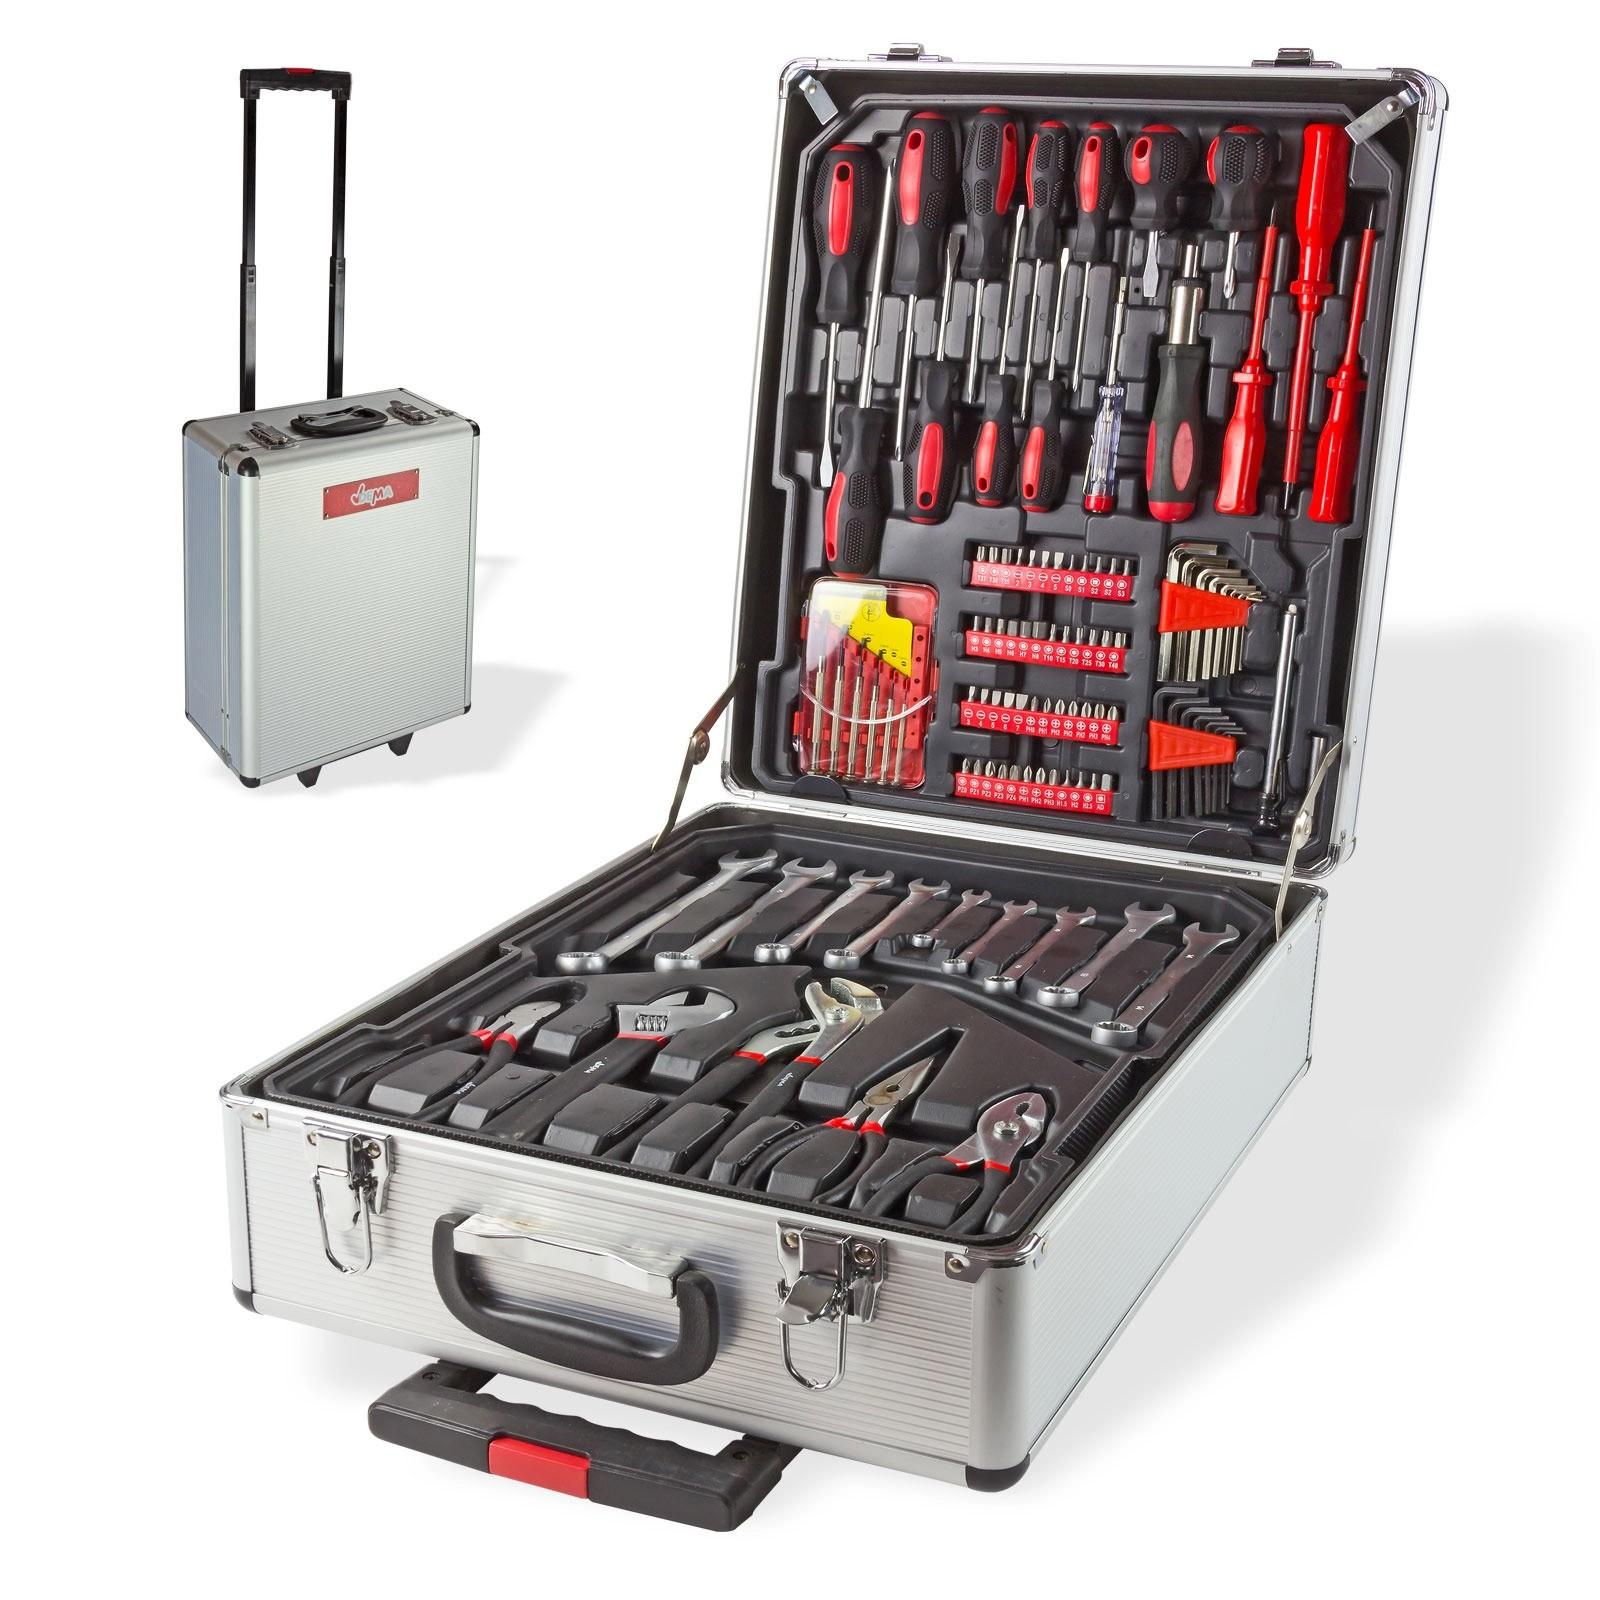 Dema Alu Werkzeugkoffer mit Werkzeug Alukoffer Trolley Koffer 251tlg Werkzeugset 15056